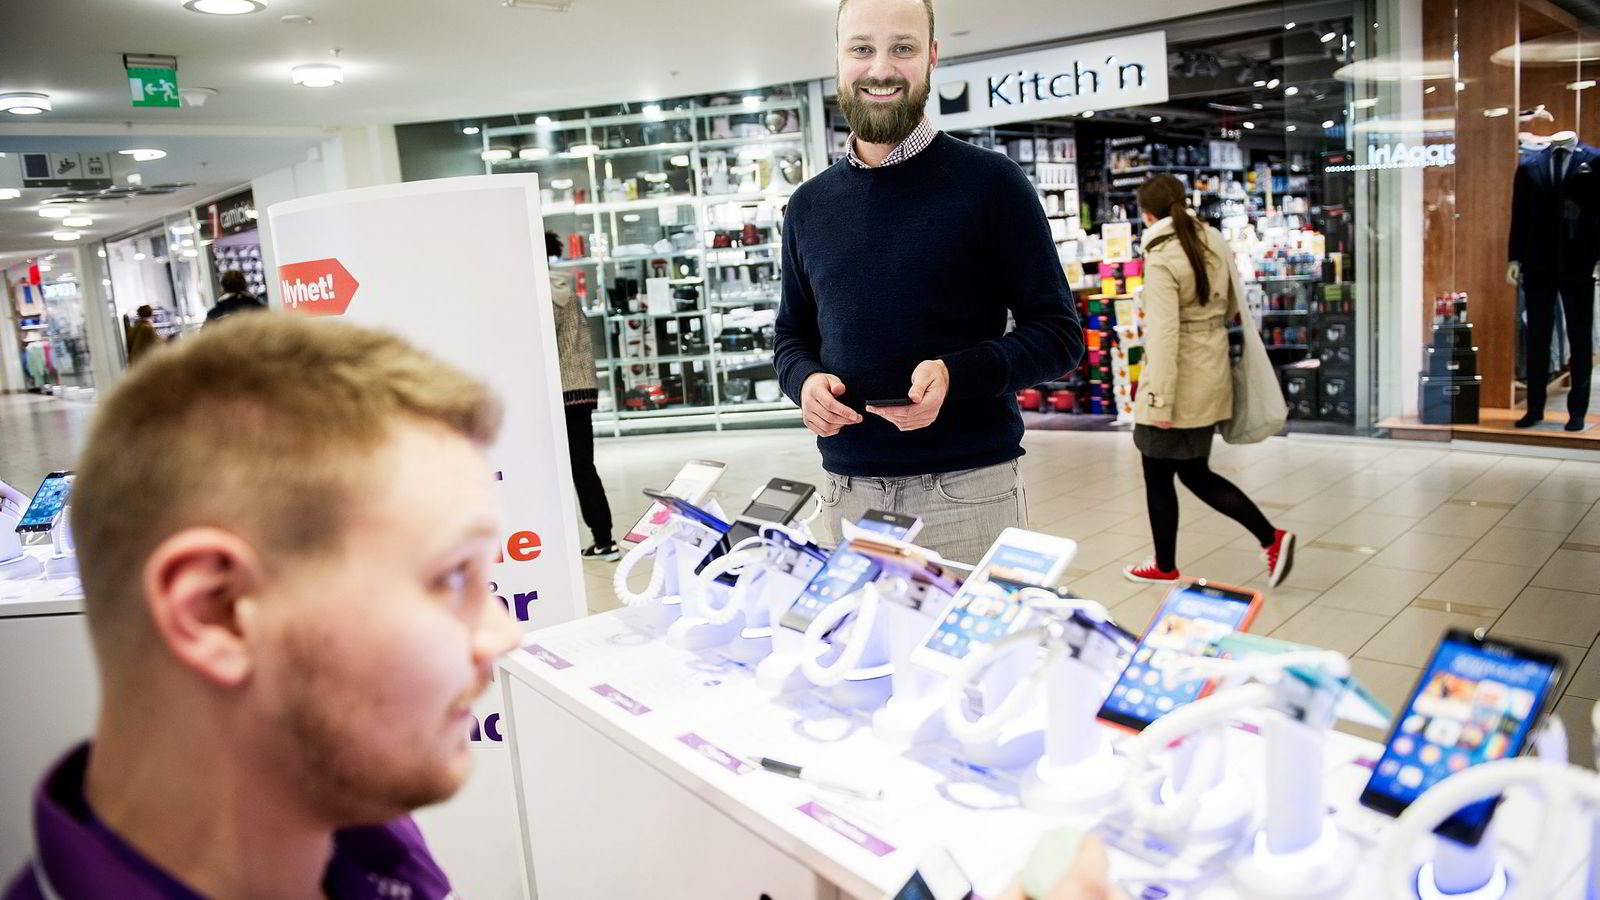 Daglig leder Ulrik Prøitz i Fluxloop har levert nettvardeteknologien til tre Netcom-butikker i Oslo. Får han det som han vil, vil det være titusenvis av nettvarder i norske butikker innen året er omme. Til venstre: Kristian Harlem fra Netcom. Foto: Gorm K. Gaare